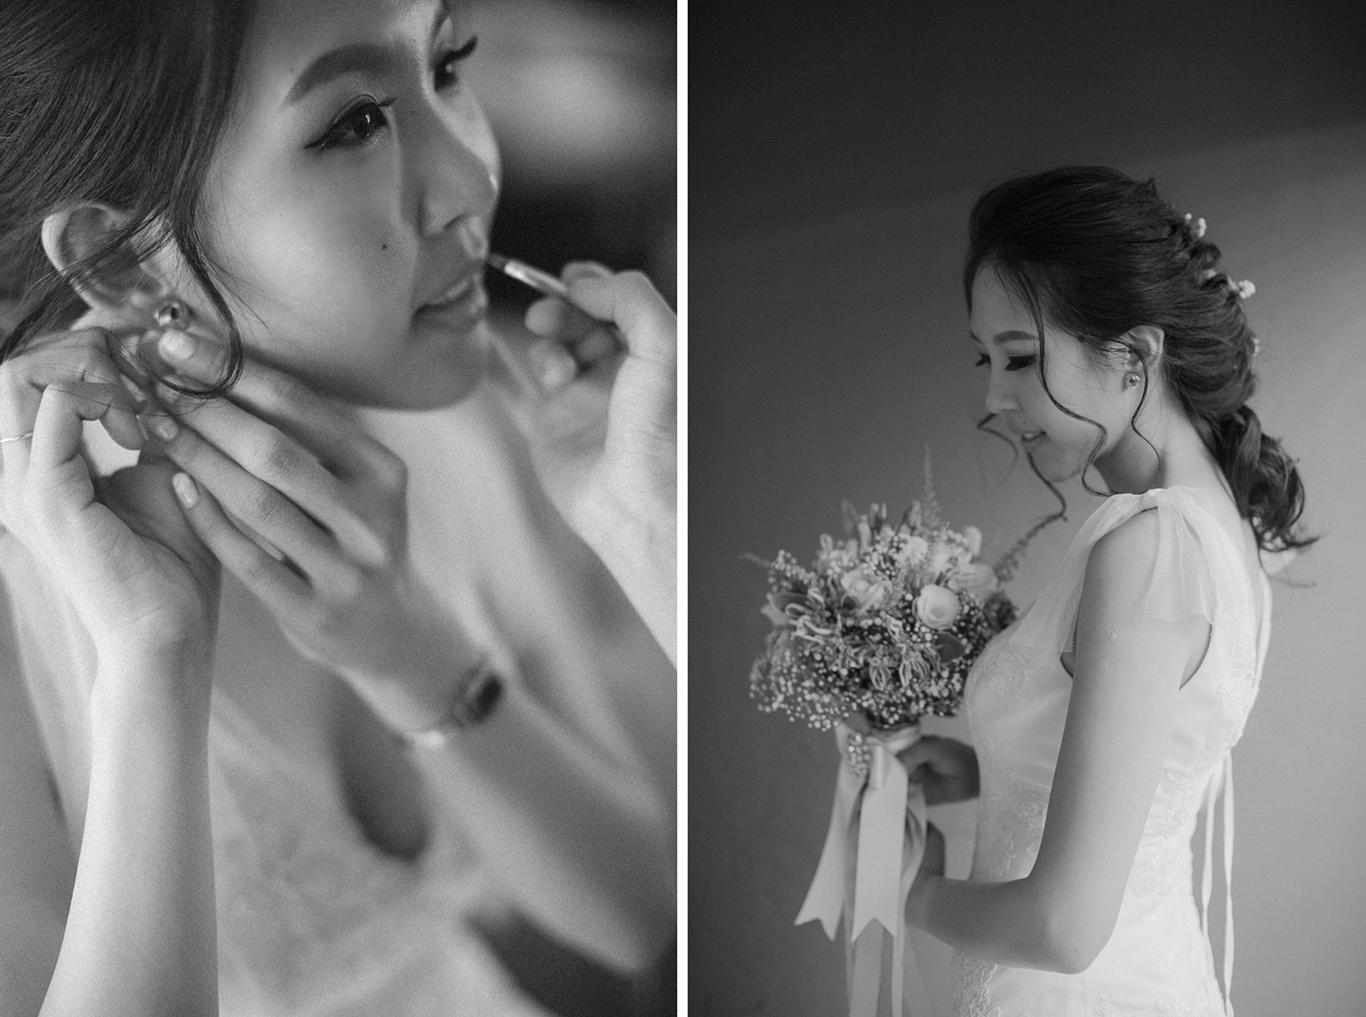 69-hellojanelee-amazing-wedding-2015-malaysia